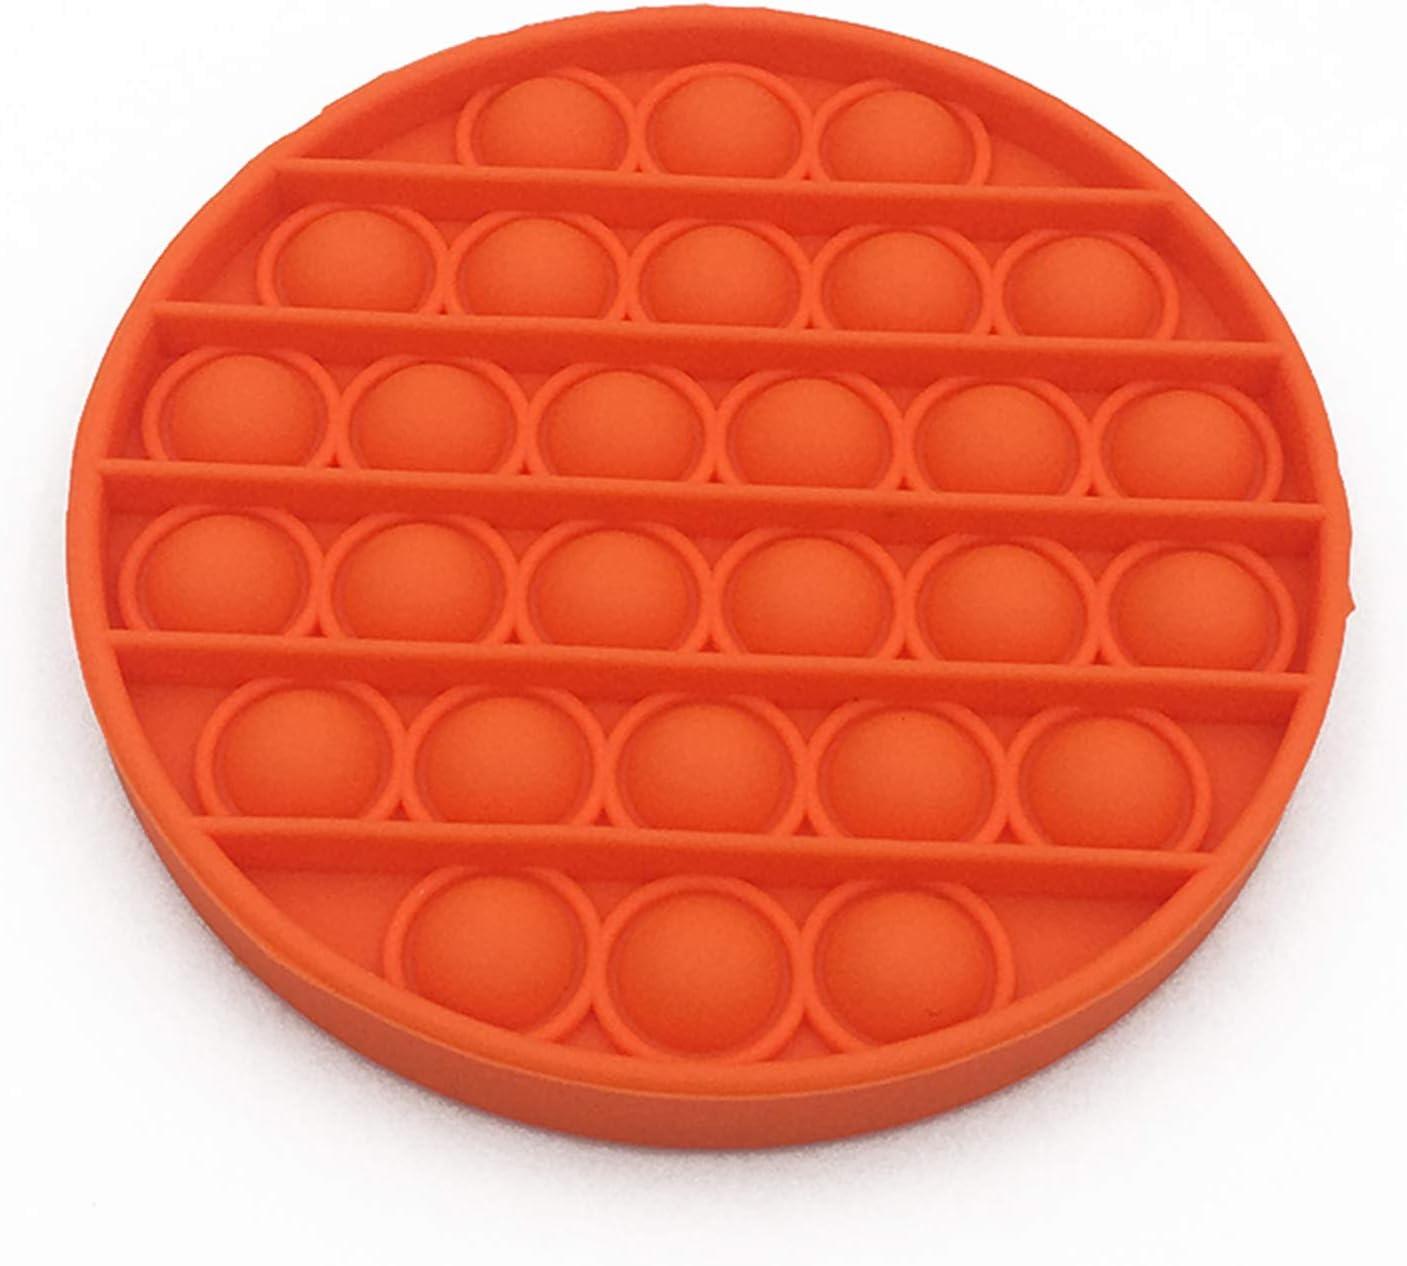 NEW Push Pop Bubble Sensory Fidget Toy Autism Stress Relief Silent Classroom